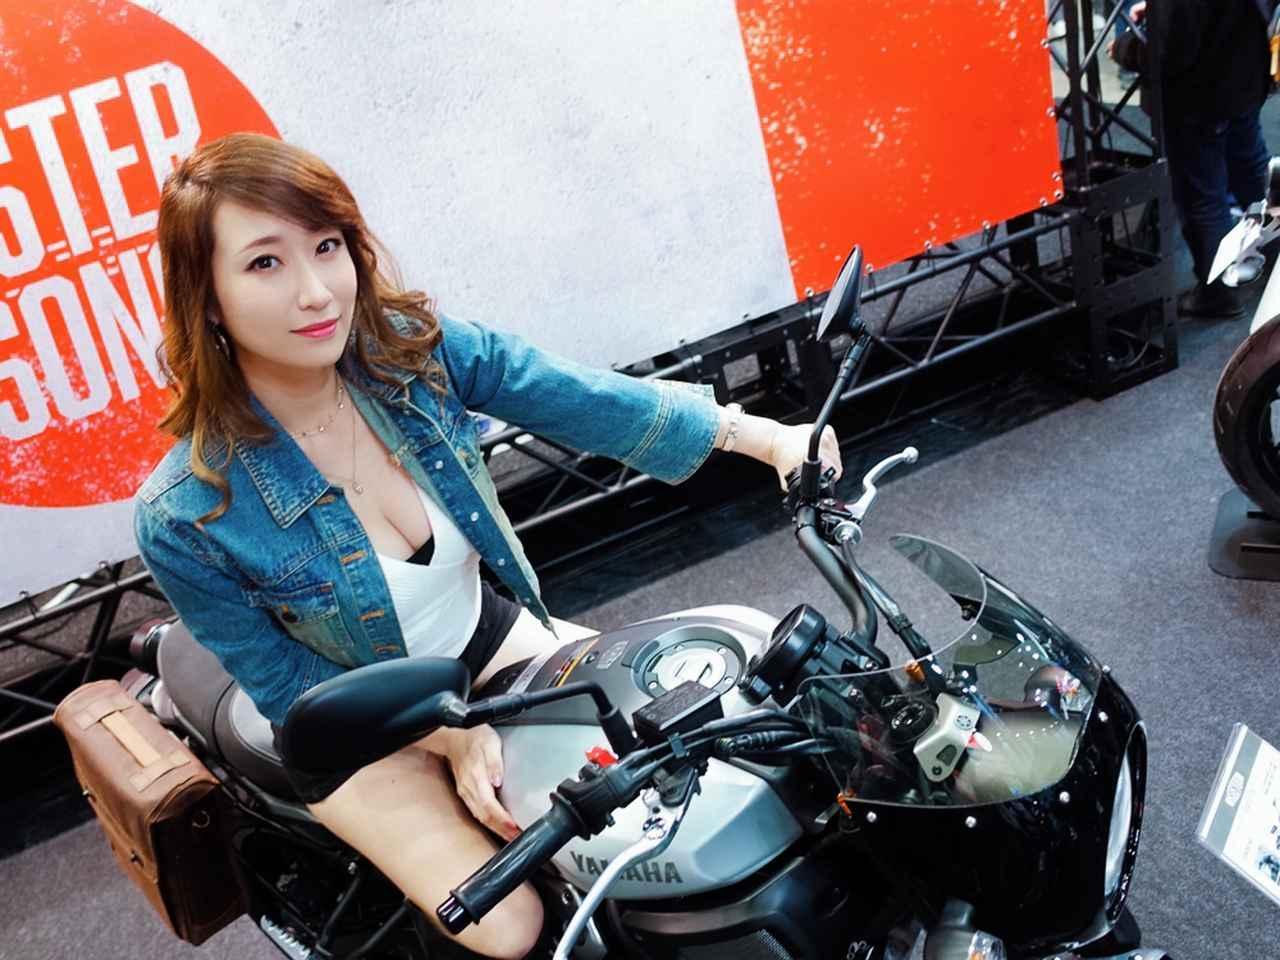 画像: 「東京モーターサイクルショー2019」無事閉幕!未公開写真載せちゃいます♡【水曜日のミク様】 - LAWRENCE - Motorcycle x Cars + α = Your Life.